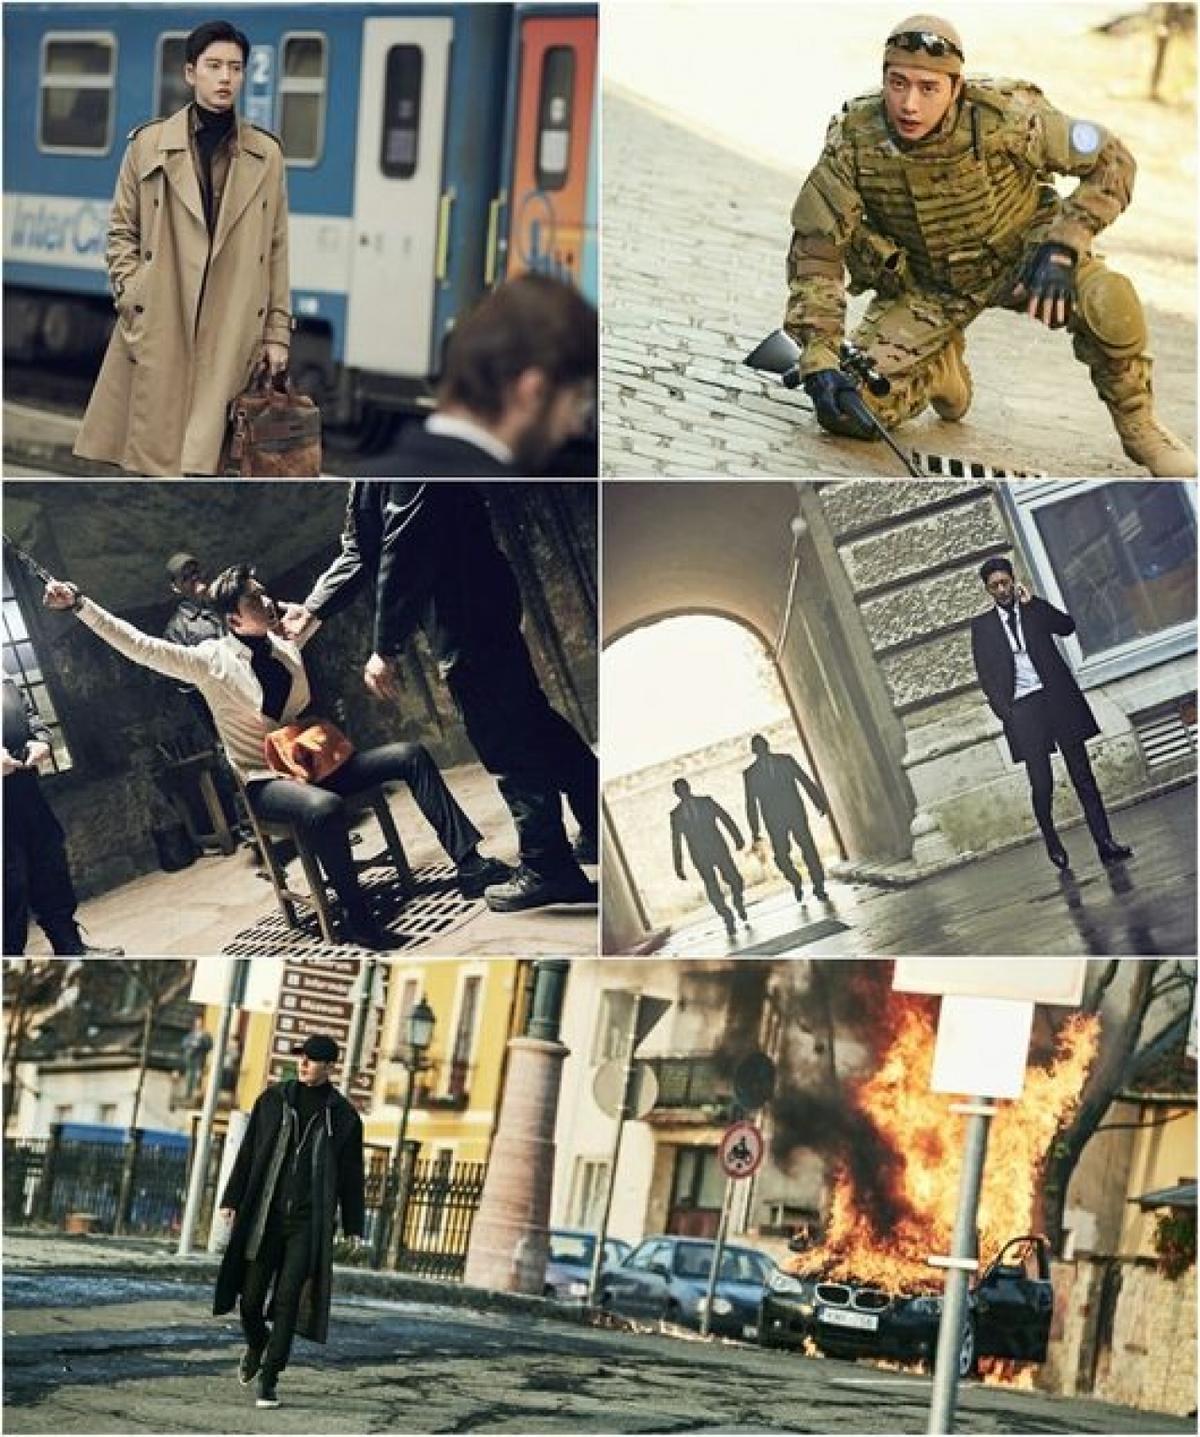 為詮釋新戲角色需求,朴海鎮換上軍人、囚犯、特務等不同面相,讓他大過戲癮。(網路圖片)